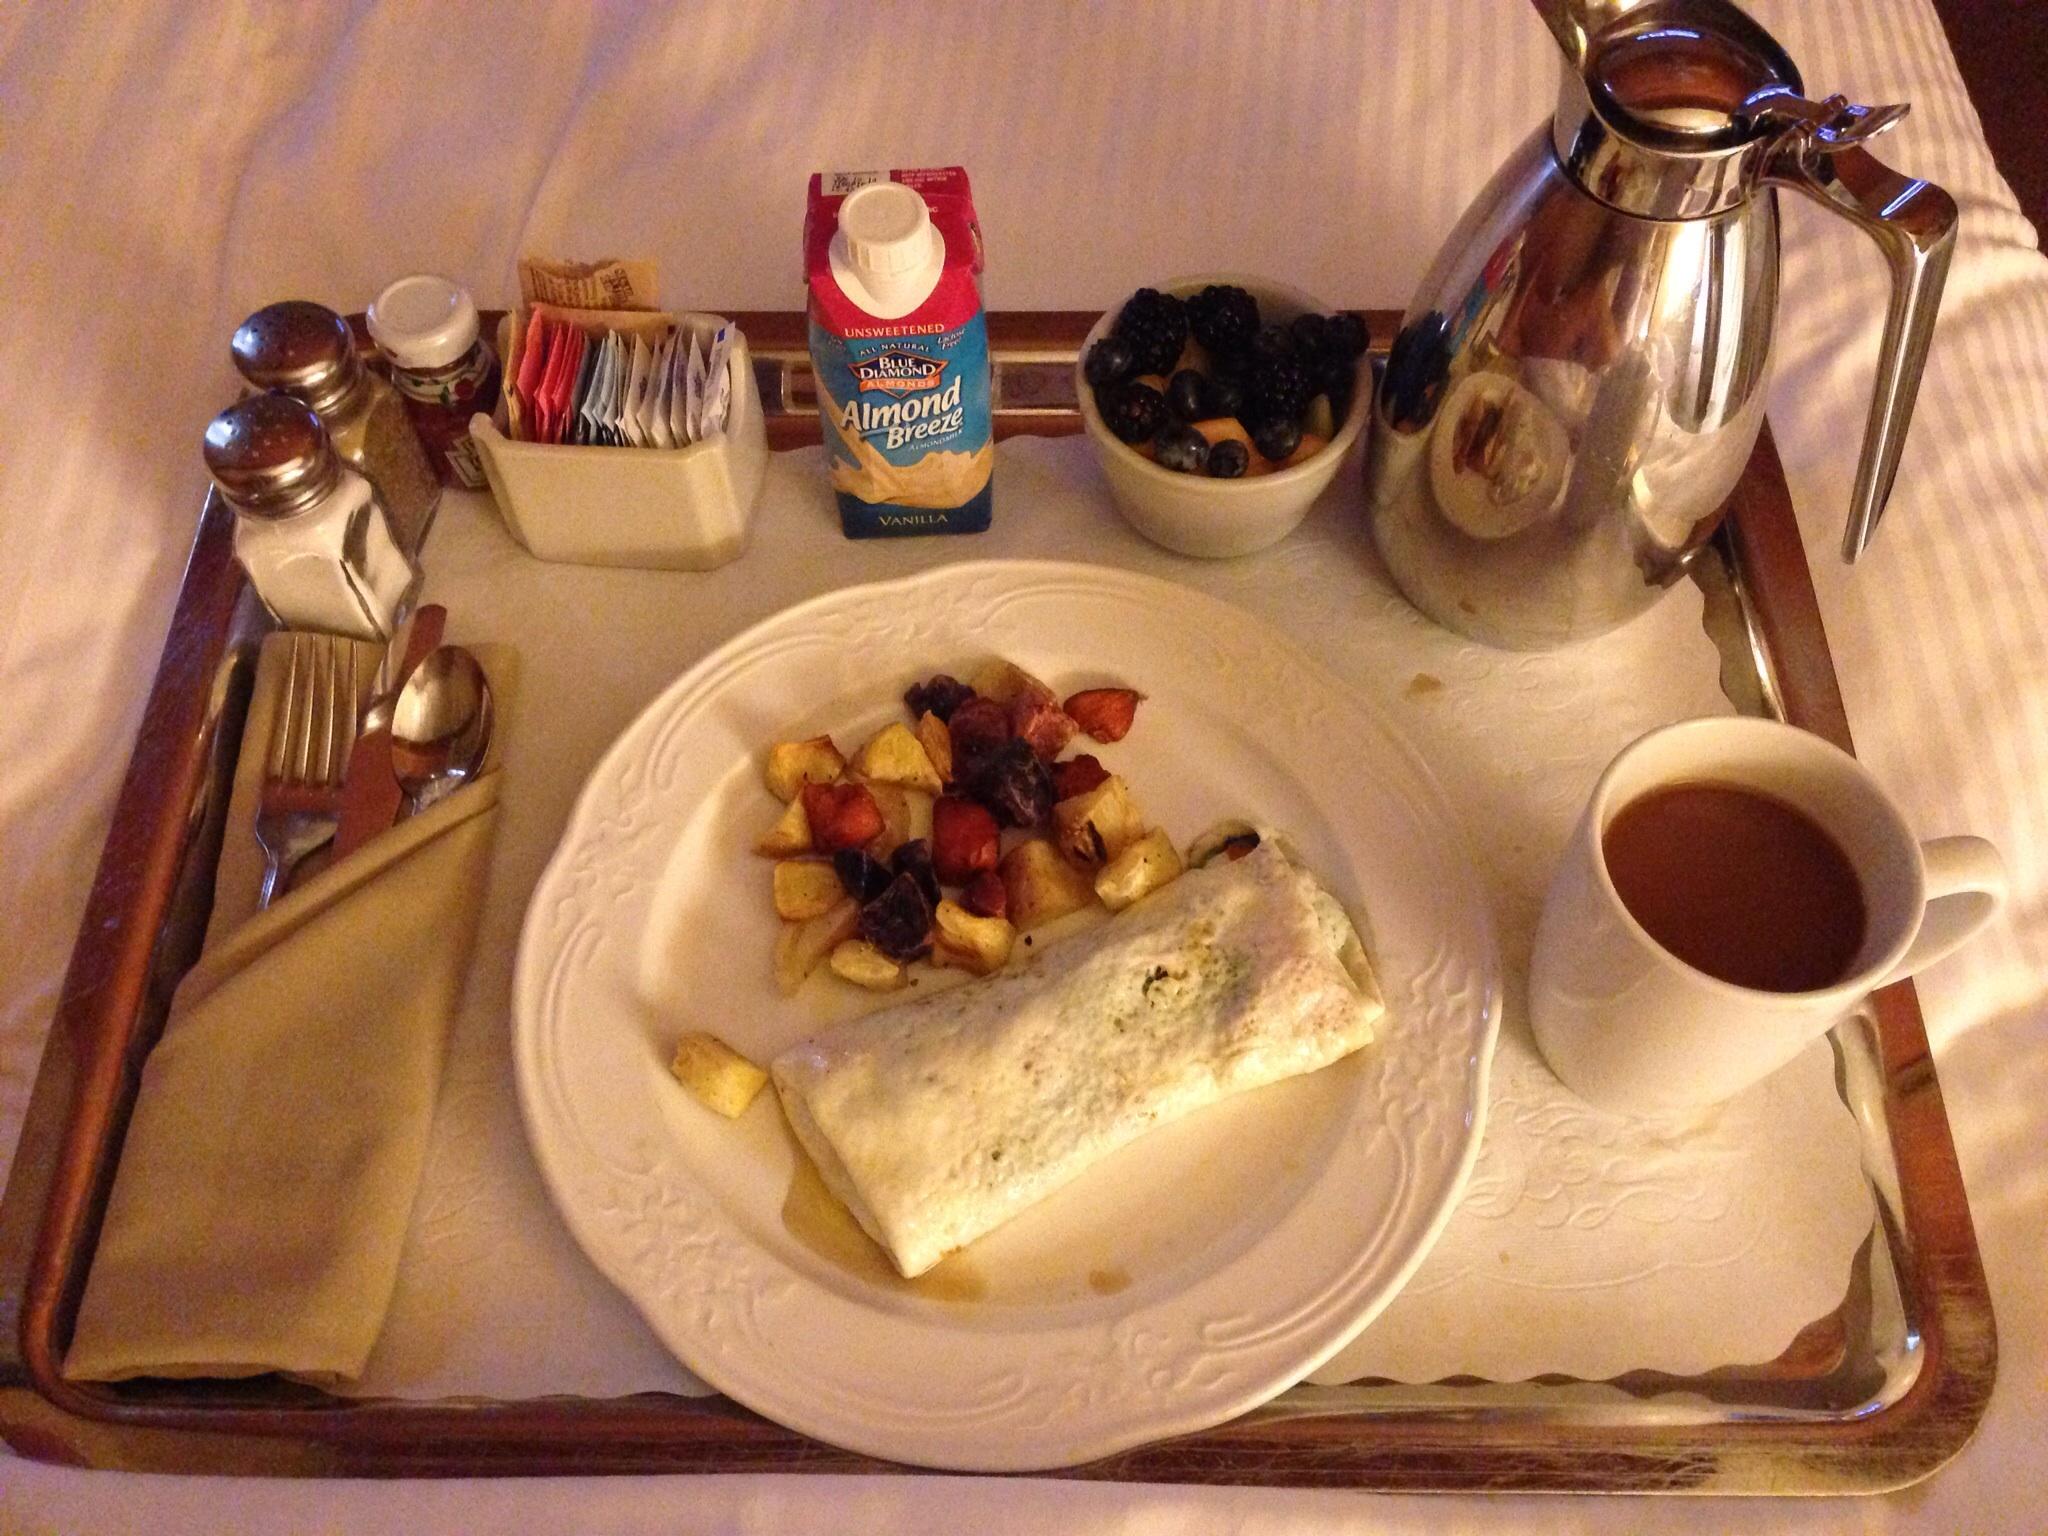 The Driskill breakfast